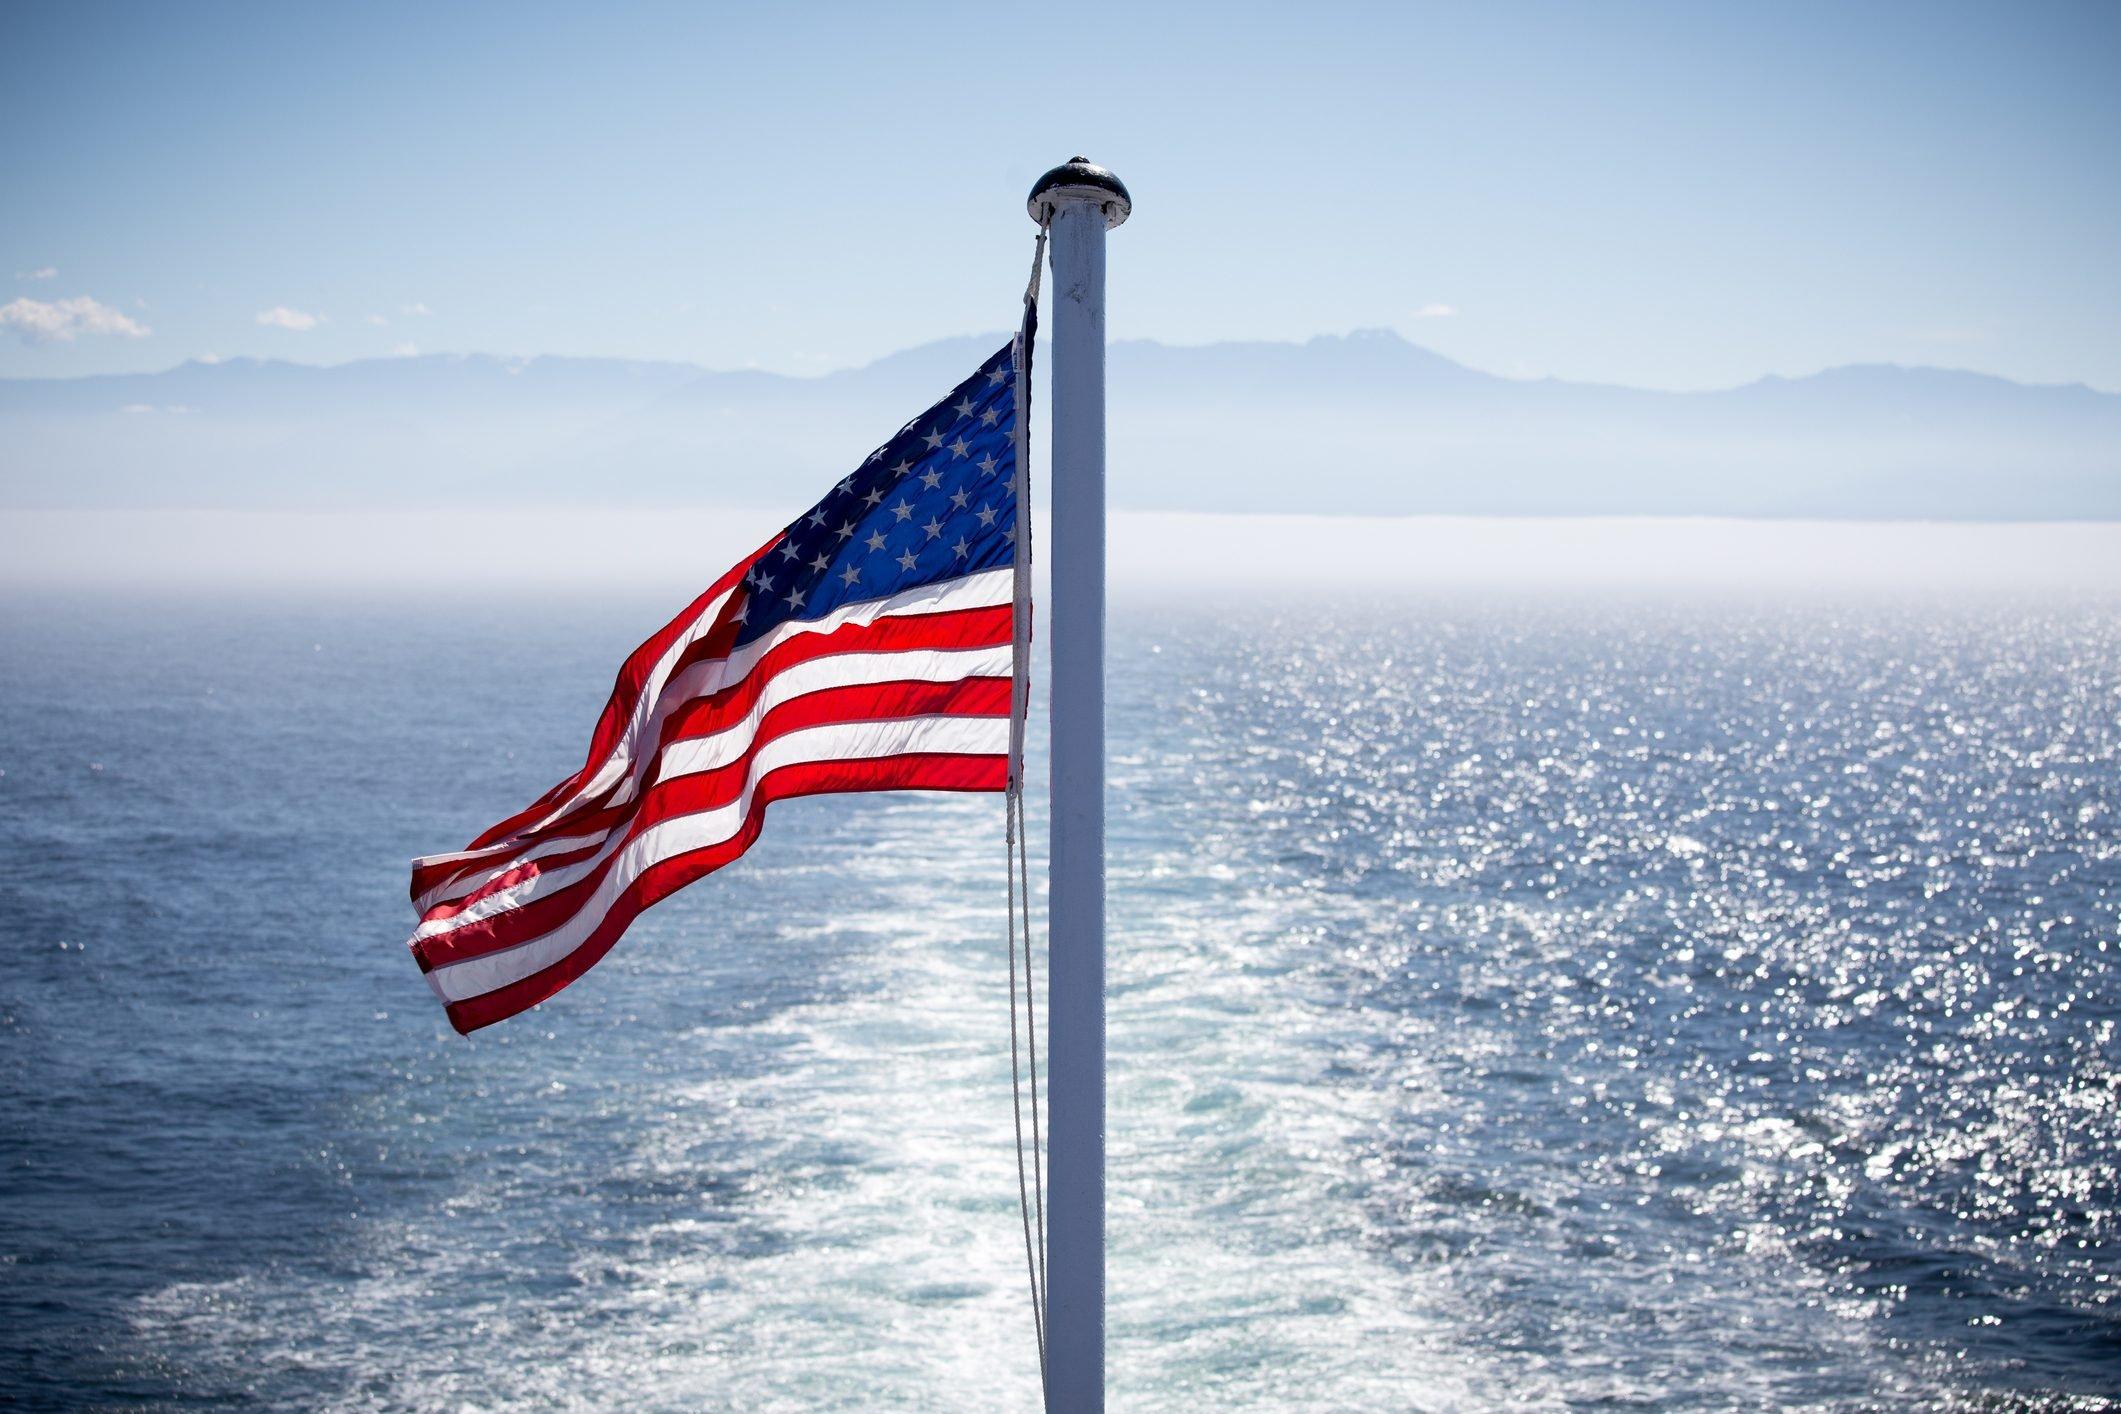 an American flag and sea, Port Angeles, Washington, USA